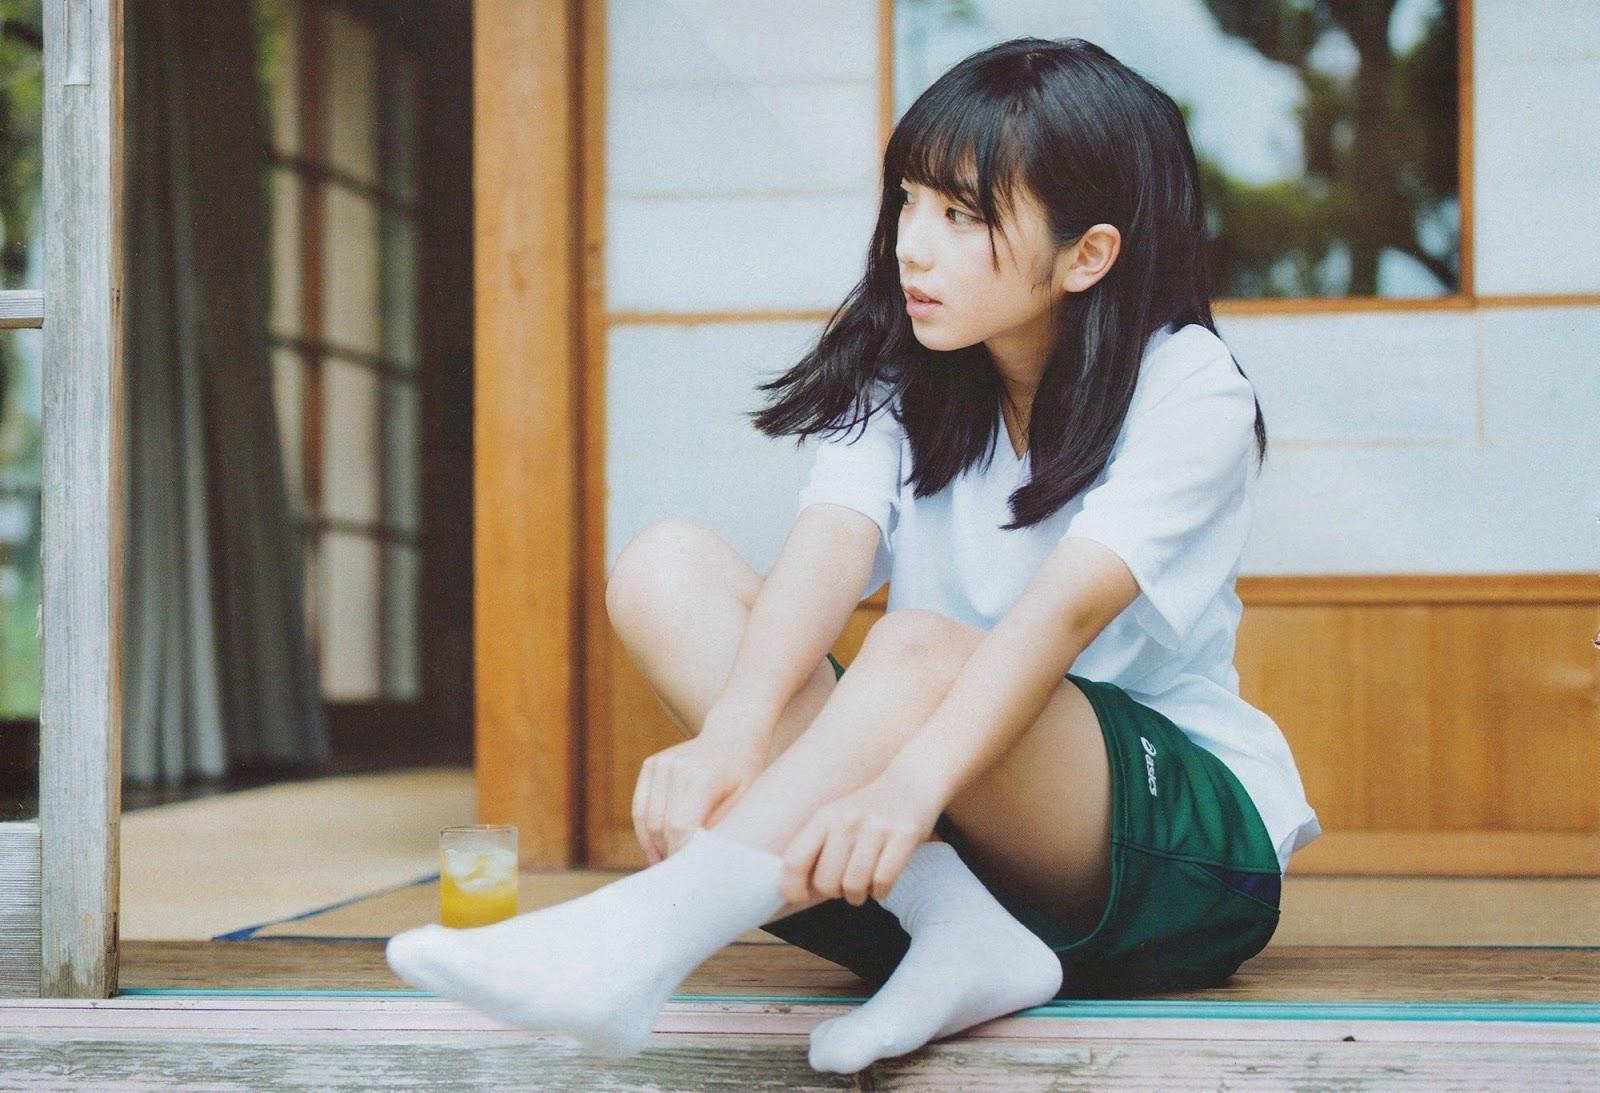 乃木坂46与田祐希(17)写真集の初水着が抜けるエロ画像68枚・61枚目の画像